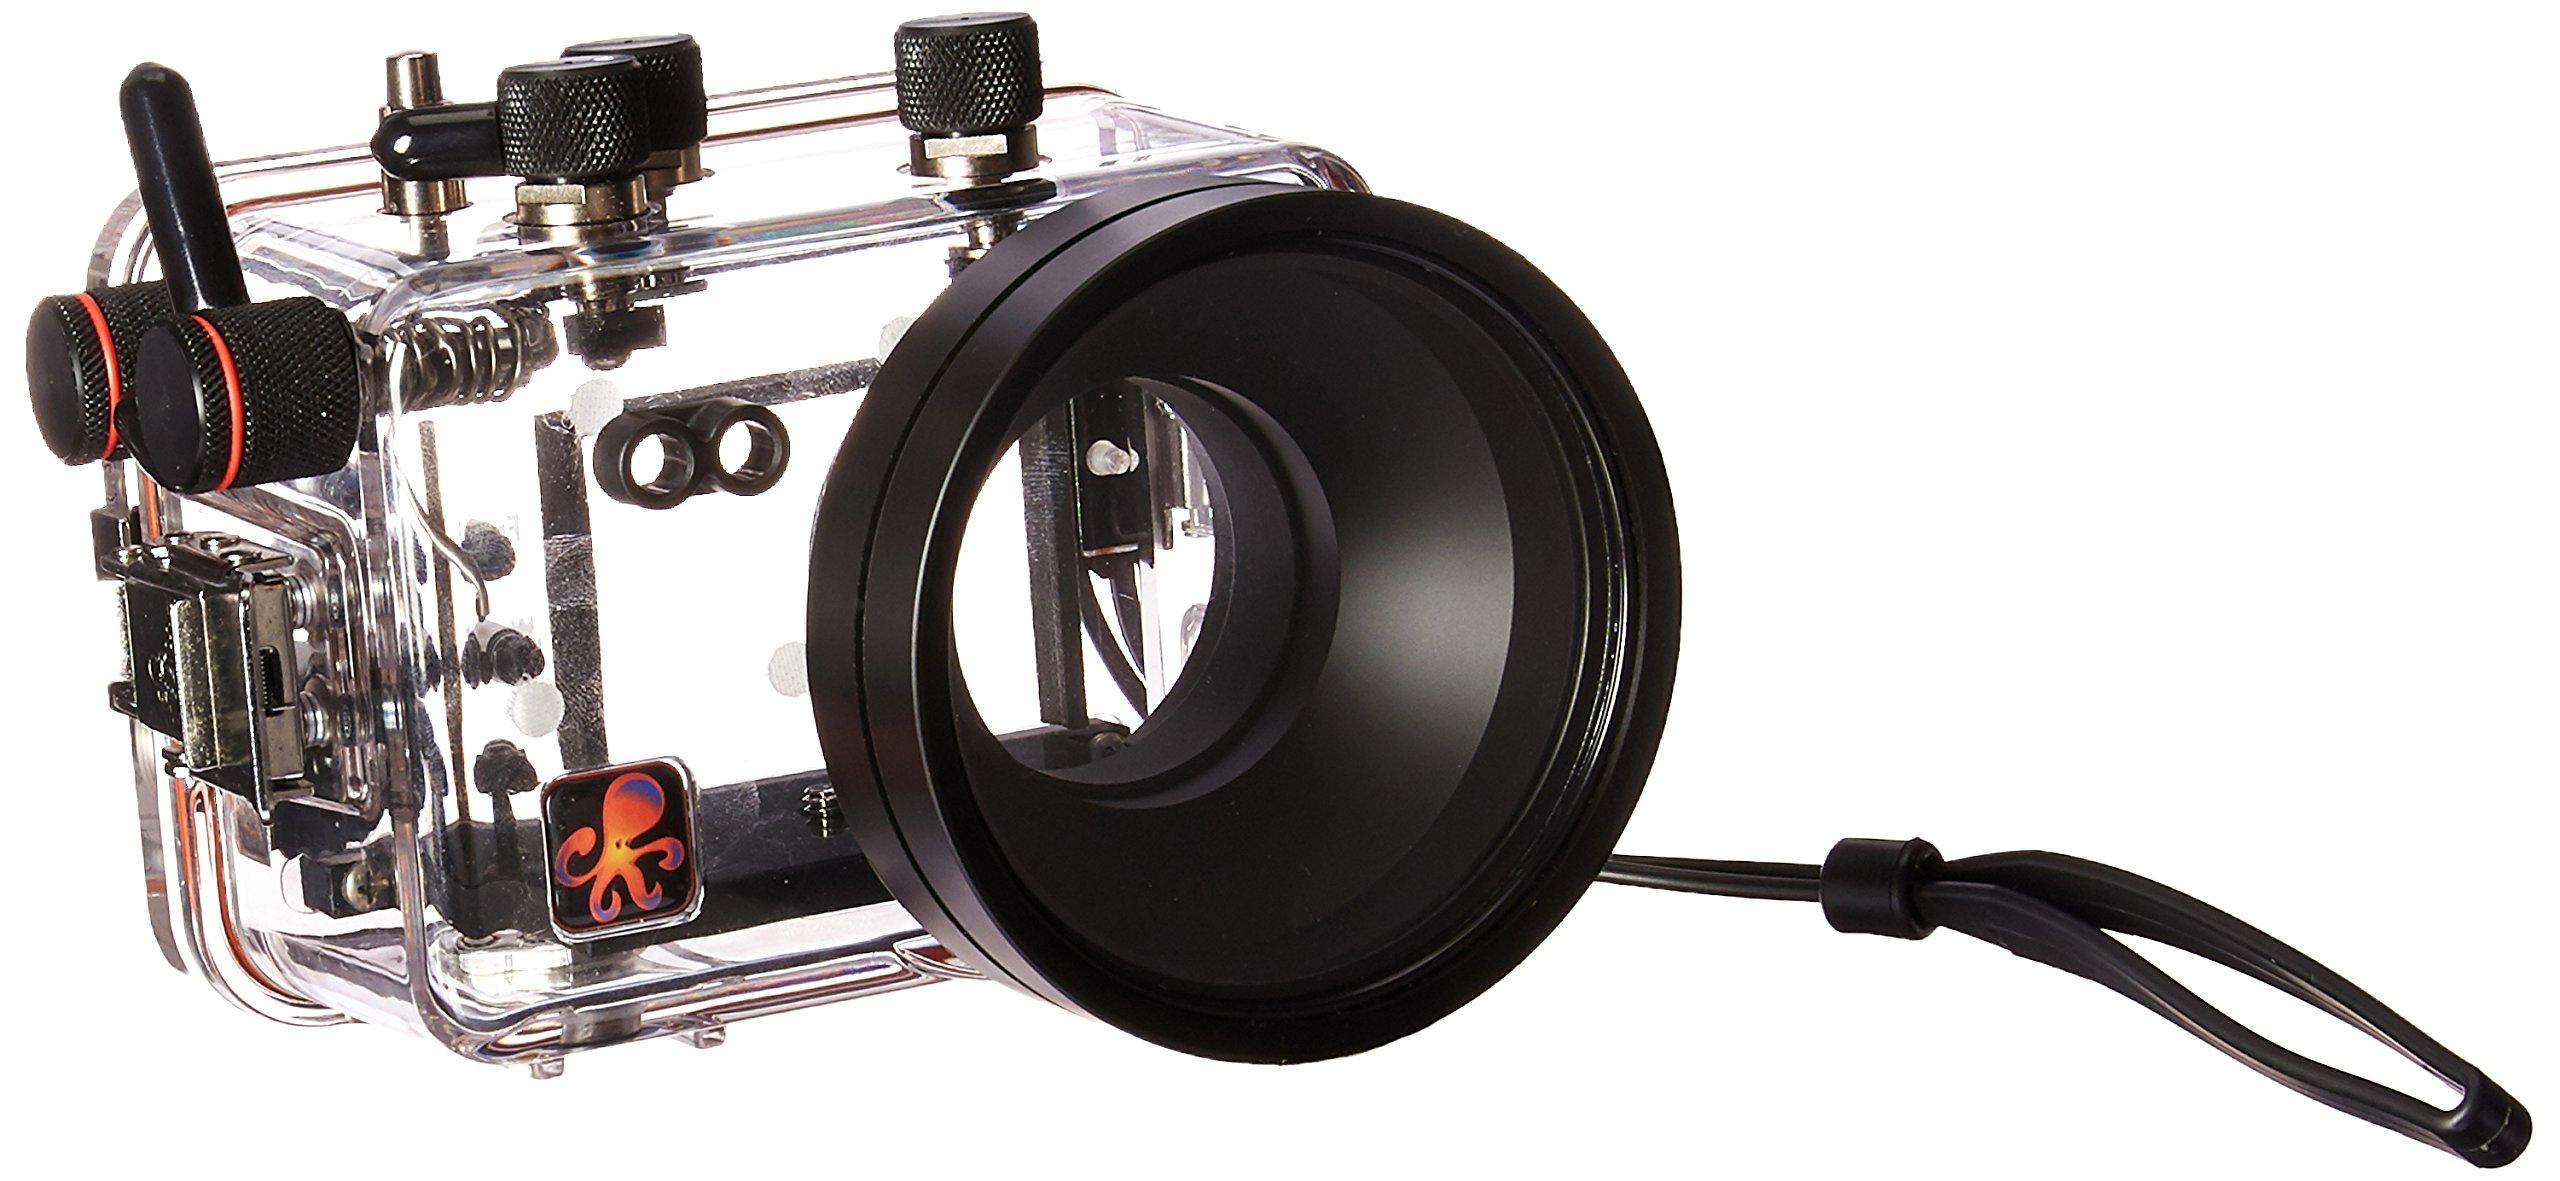 Ikelite 6170.40 Underwater Camera Housing for Panasonic ZS40 / TZ60 Digital Camera, Clear